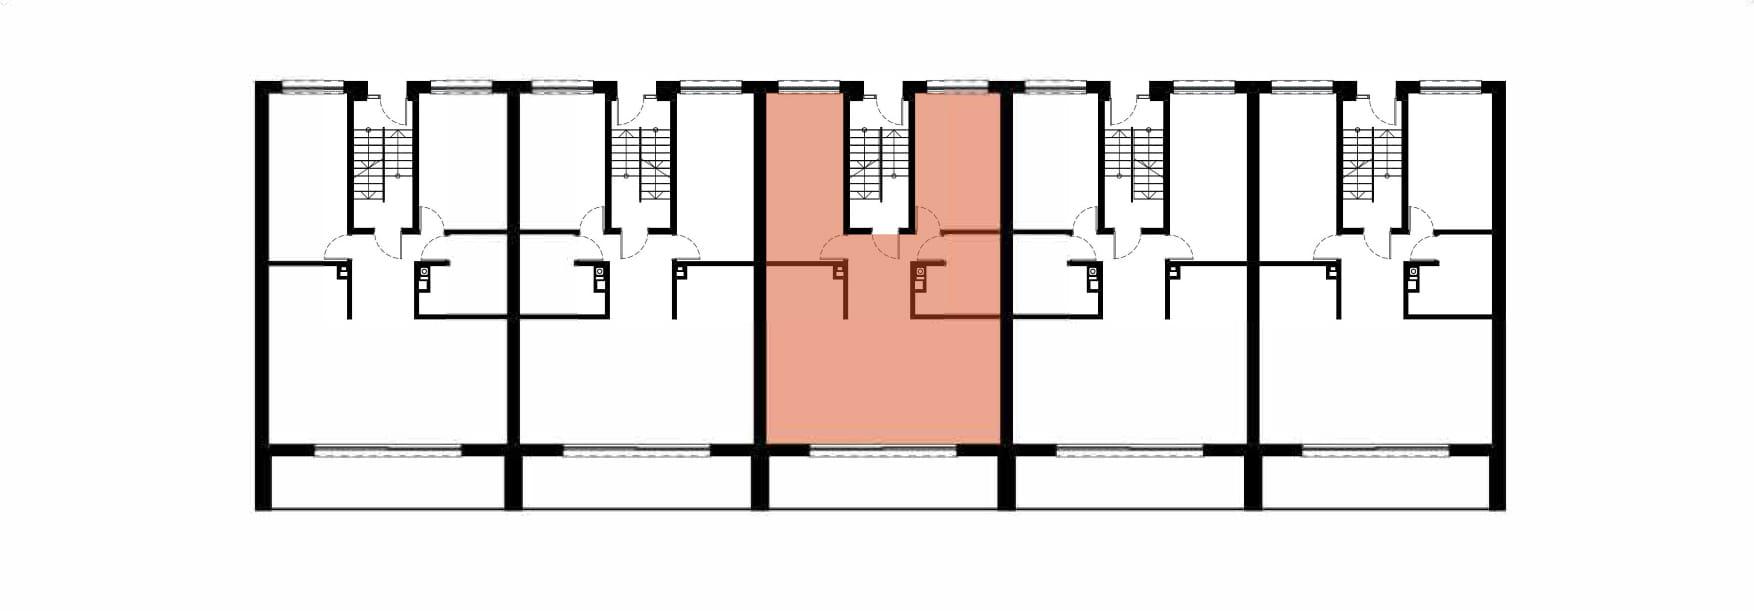 Apartamenty Kamienna / apartamenty inwestycyjne 3A rzut 2